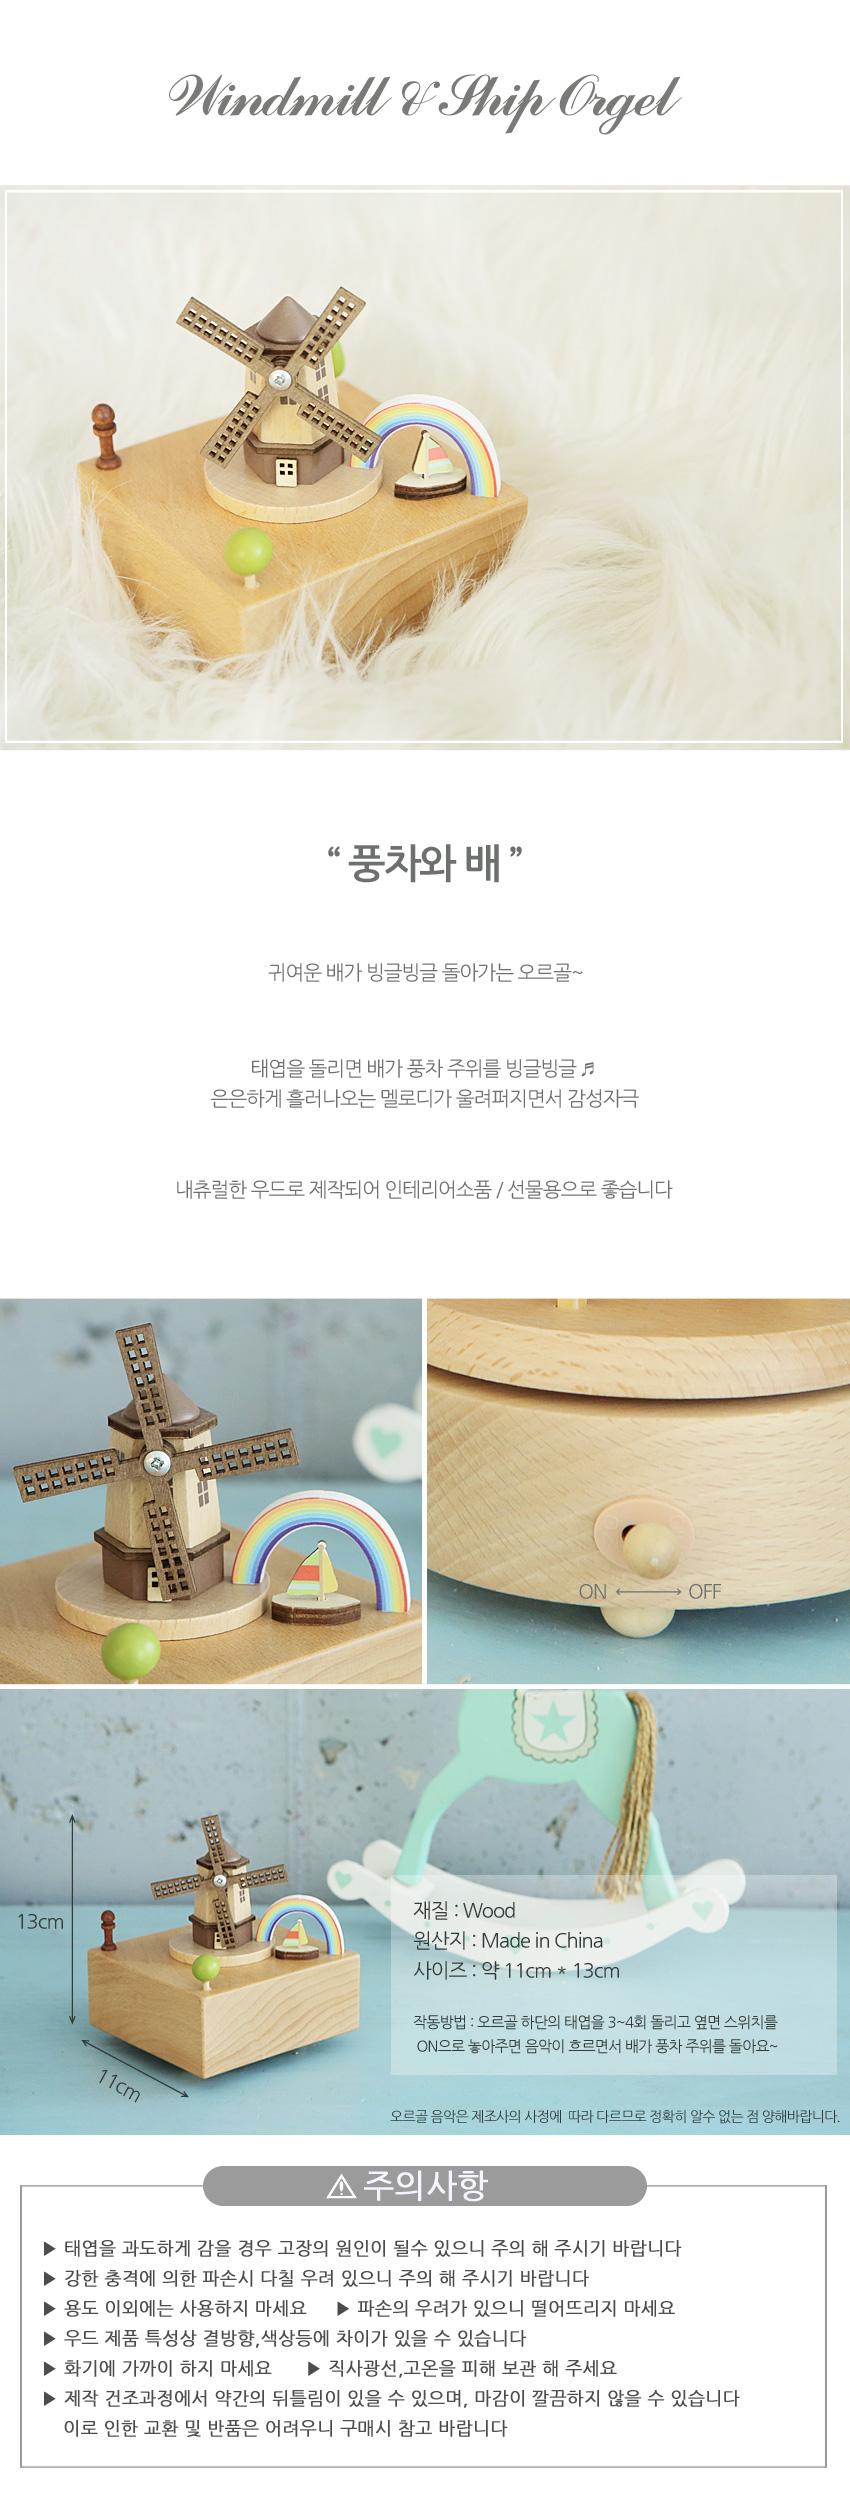 풍차와배 오르골 orgel 뮤직박스 대만오르골 소품 - 알사탕닷컴, 30,500원, 조화, 카네이션(조화)